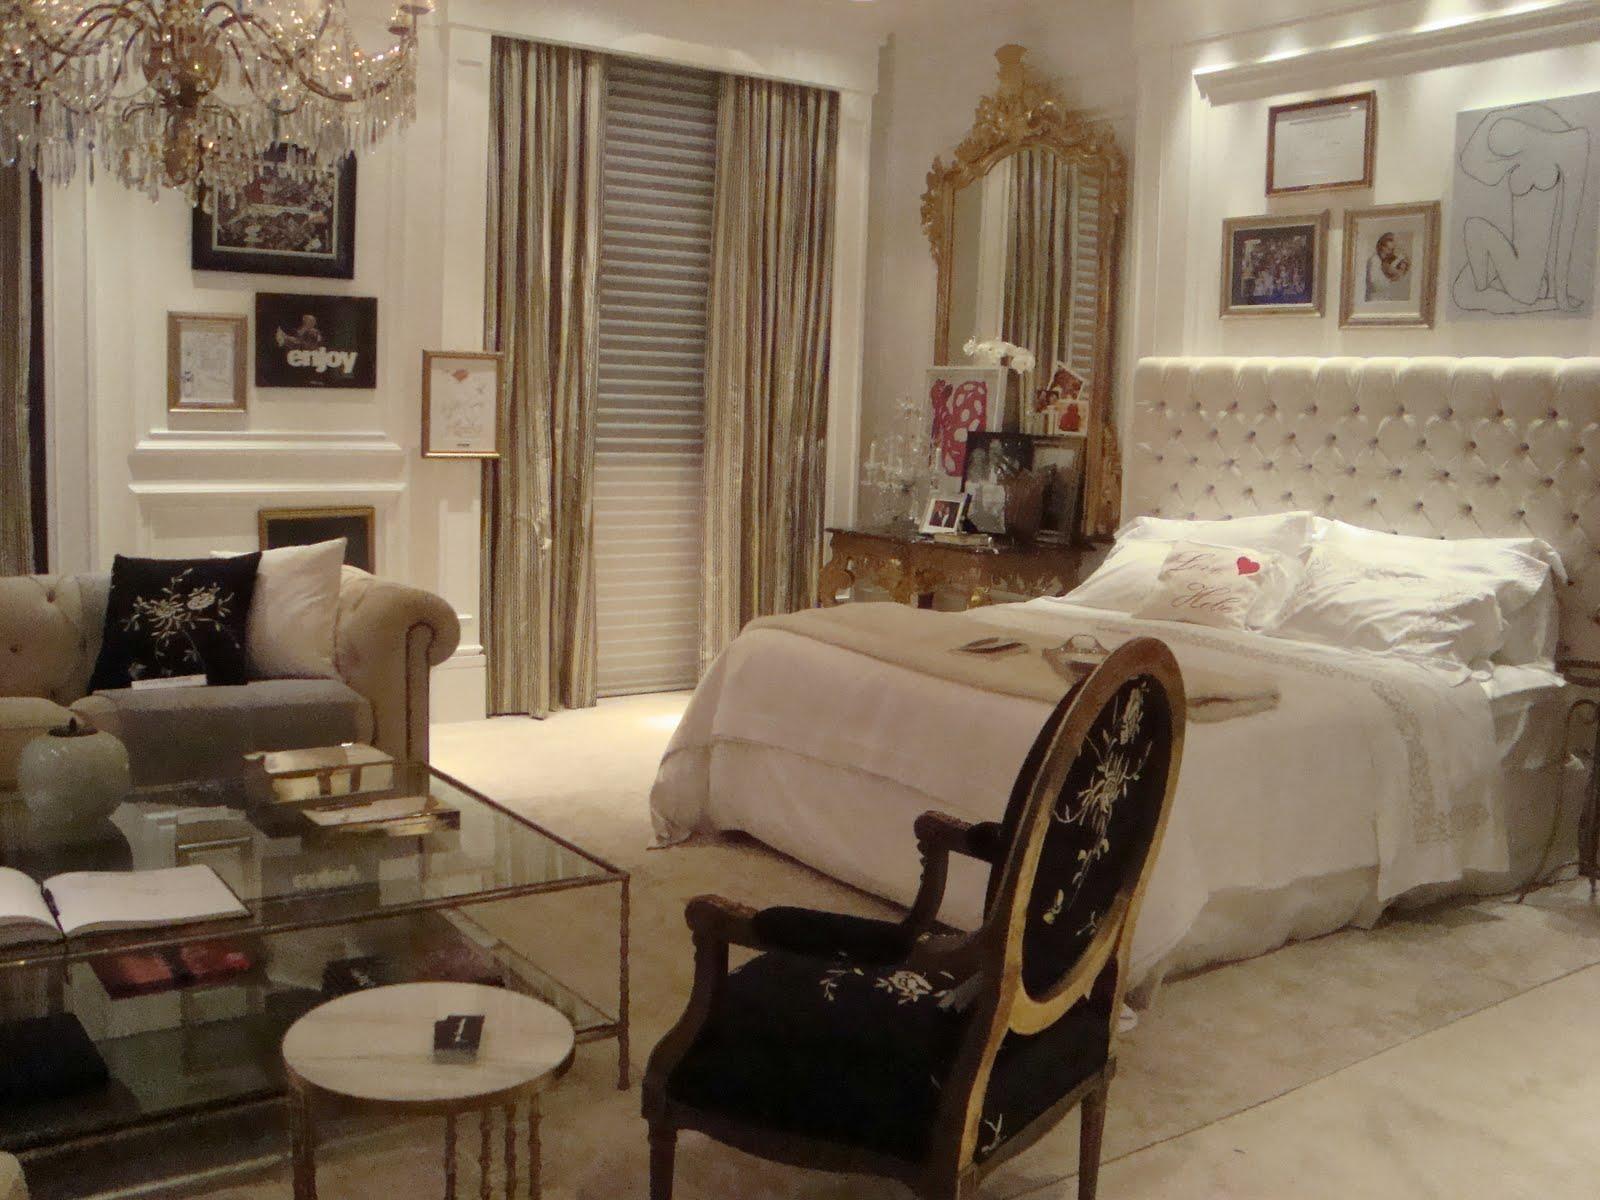 decoracao de interiores salas e quartos:dicas-de-decoracao-de-quarto-casa-cor-2009-suite-hebe-camargo-joao